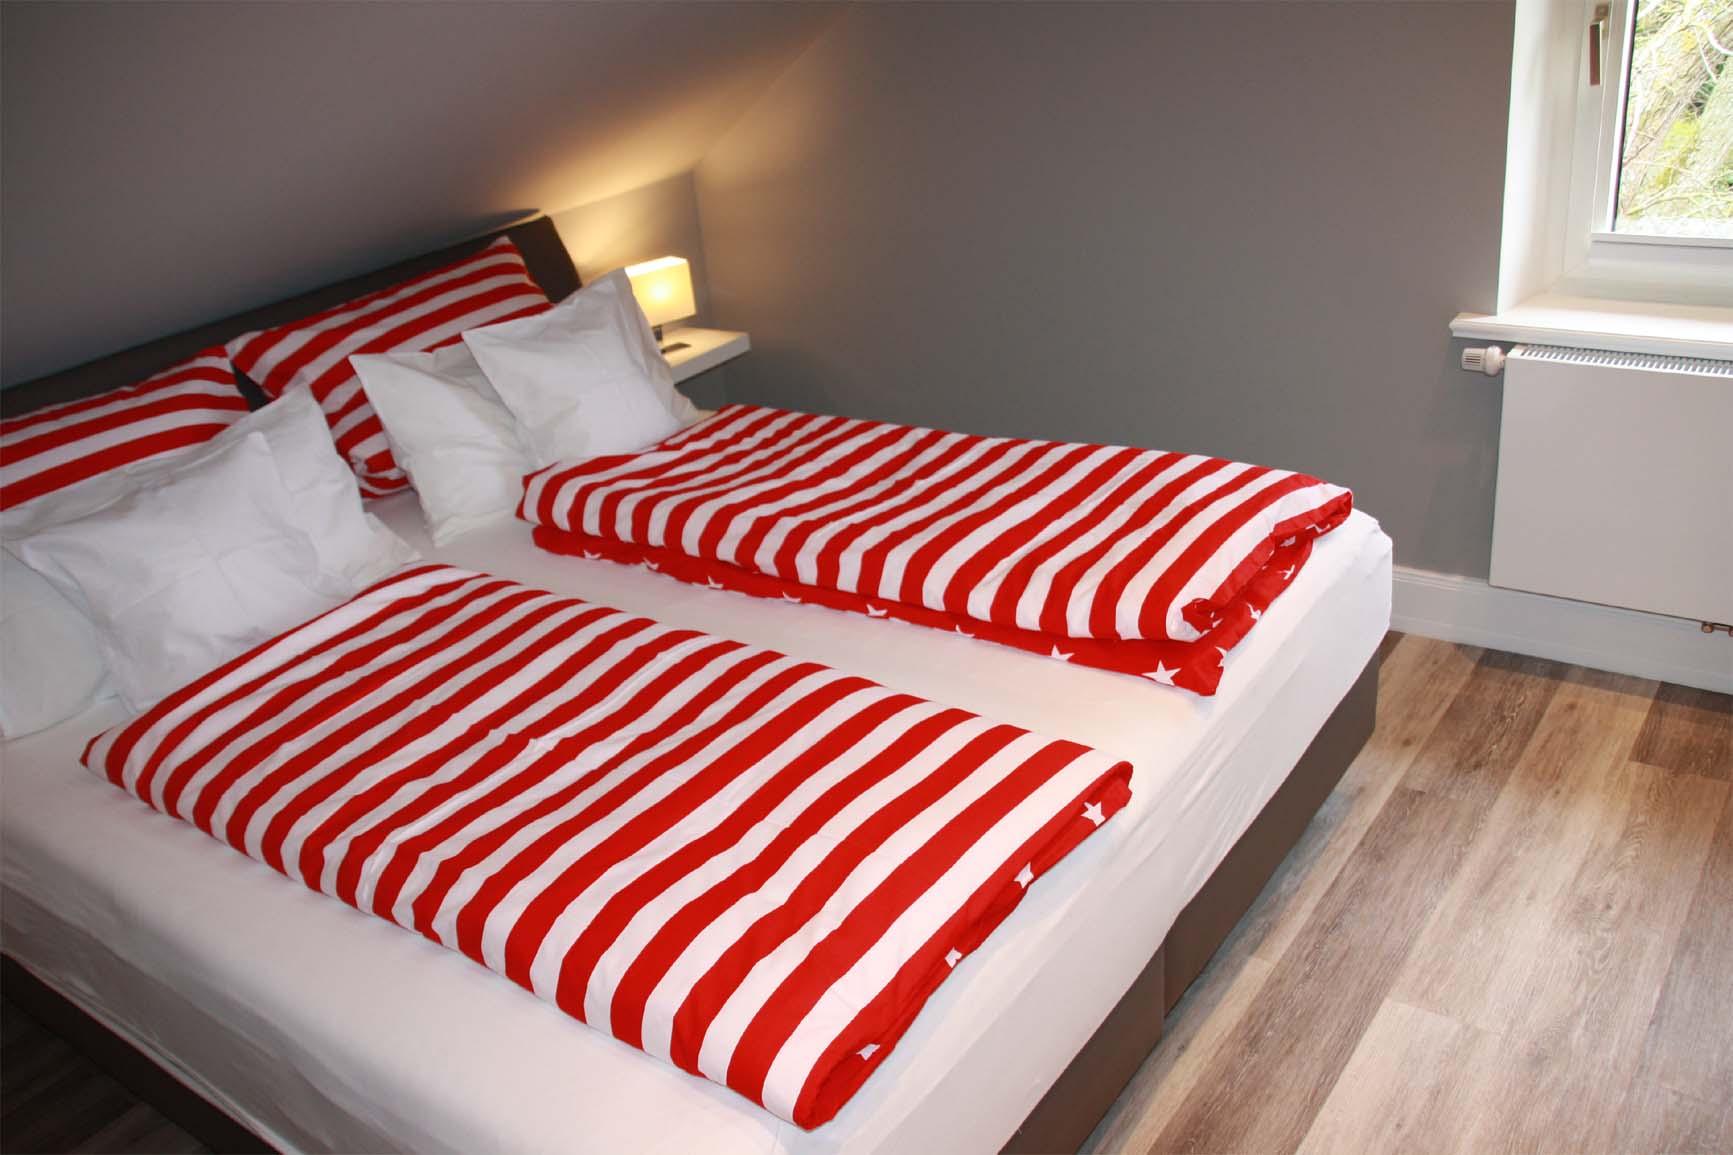 Ferienwohnung 1 - Schlafzimmer 1